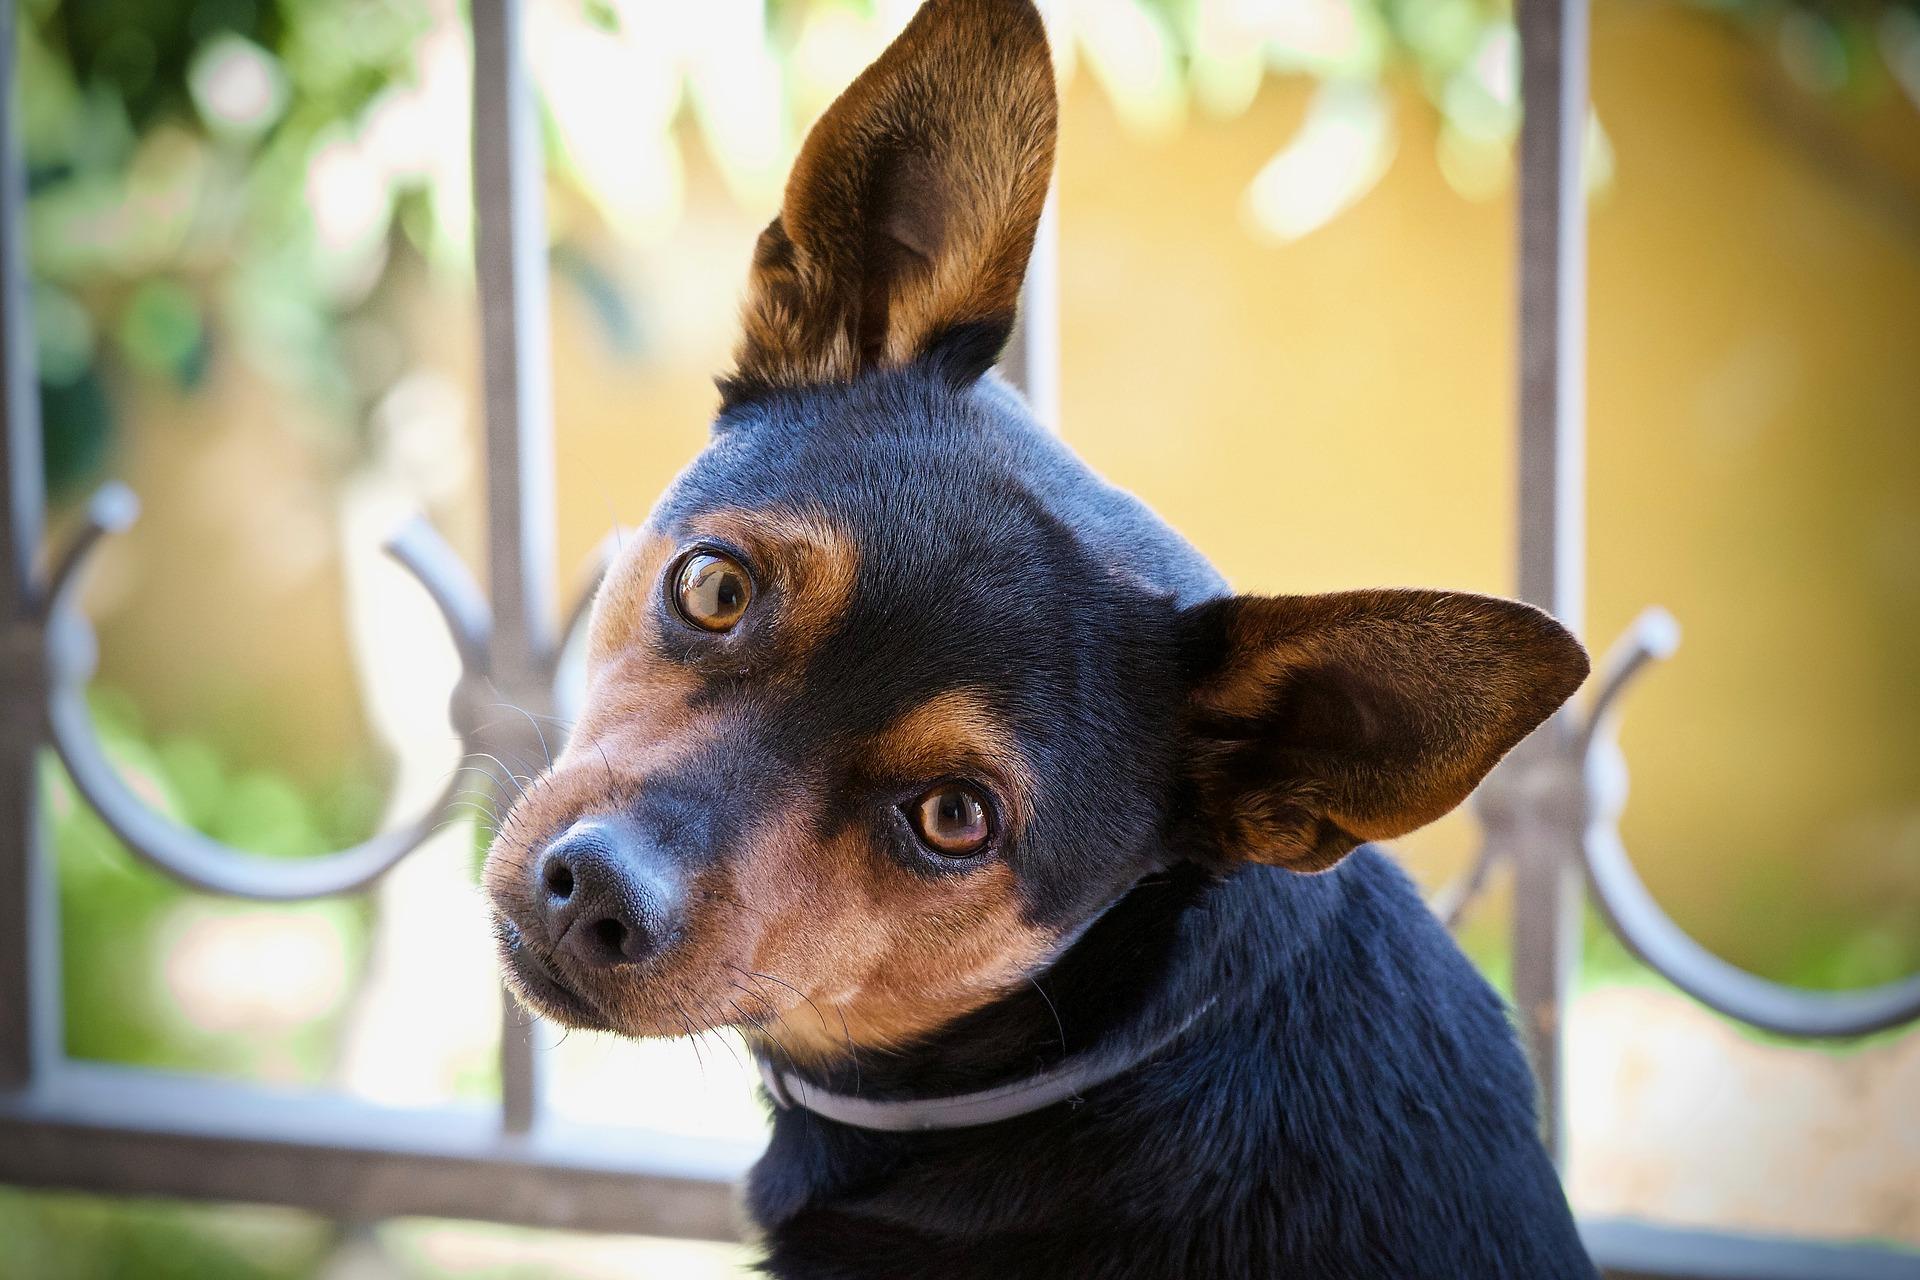 Cane di piccola taglia con orecchie grandi